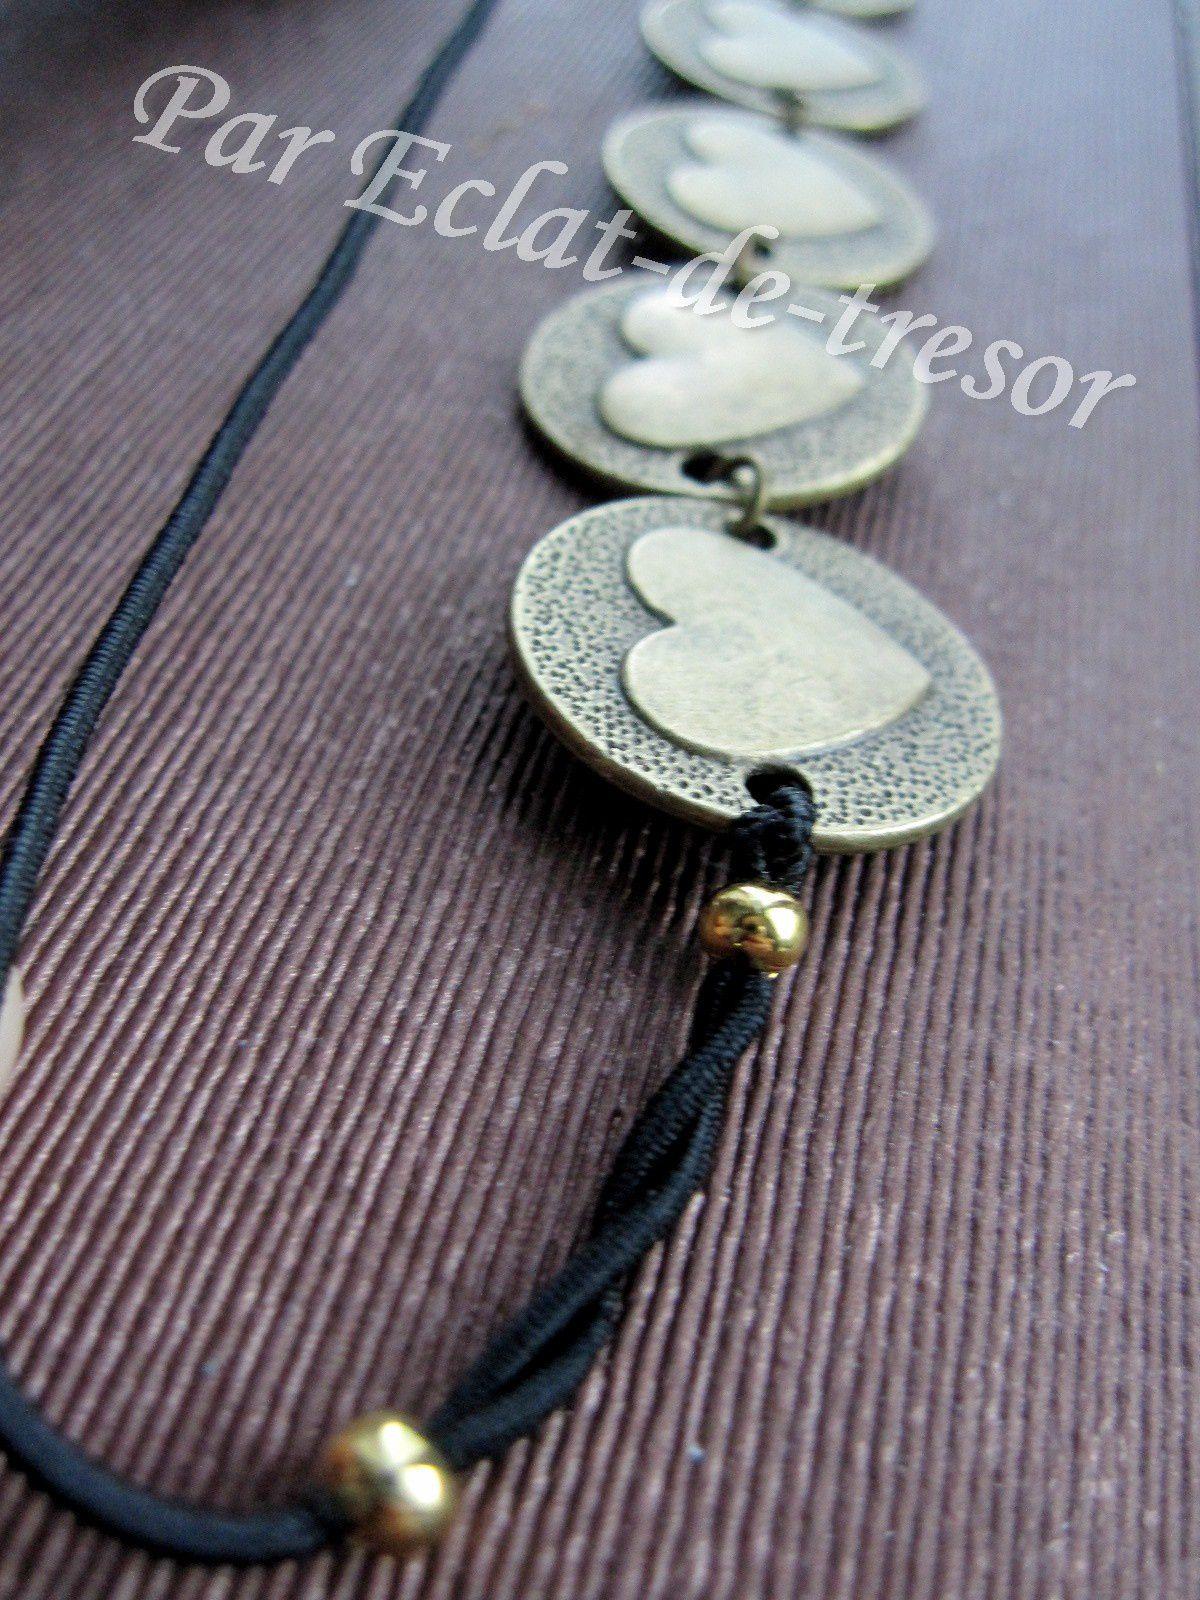 """HEADBAND ÉLASTIQUE """"COEURS A PRENDRE"""" - Soyez romantique avec ce bijou de tête composé de plusieurs coeurs (bronze). Grâce à son élastique noir décoré de perles dorées, il s'adaptera parfaitement à toutes les têtes. Longueur : Environ 52,5cm. [VENDU]"""